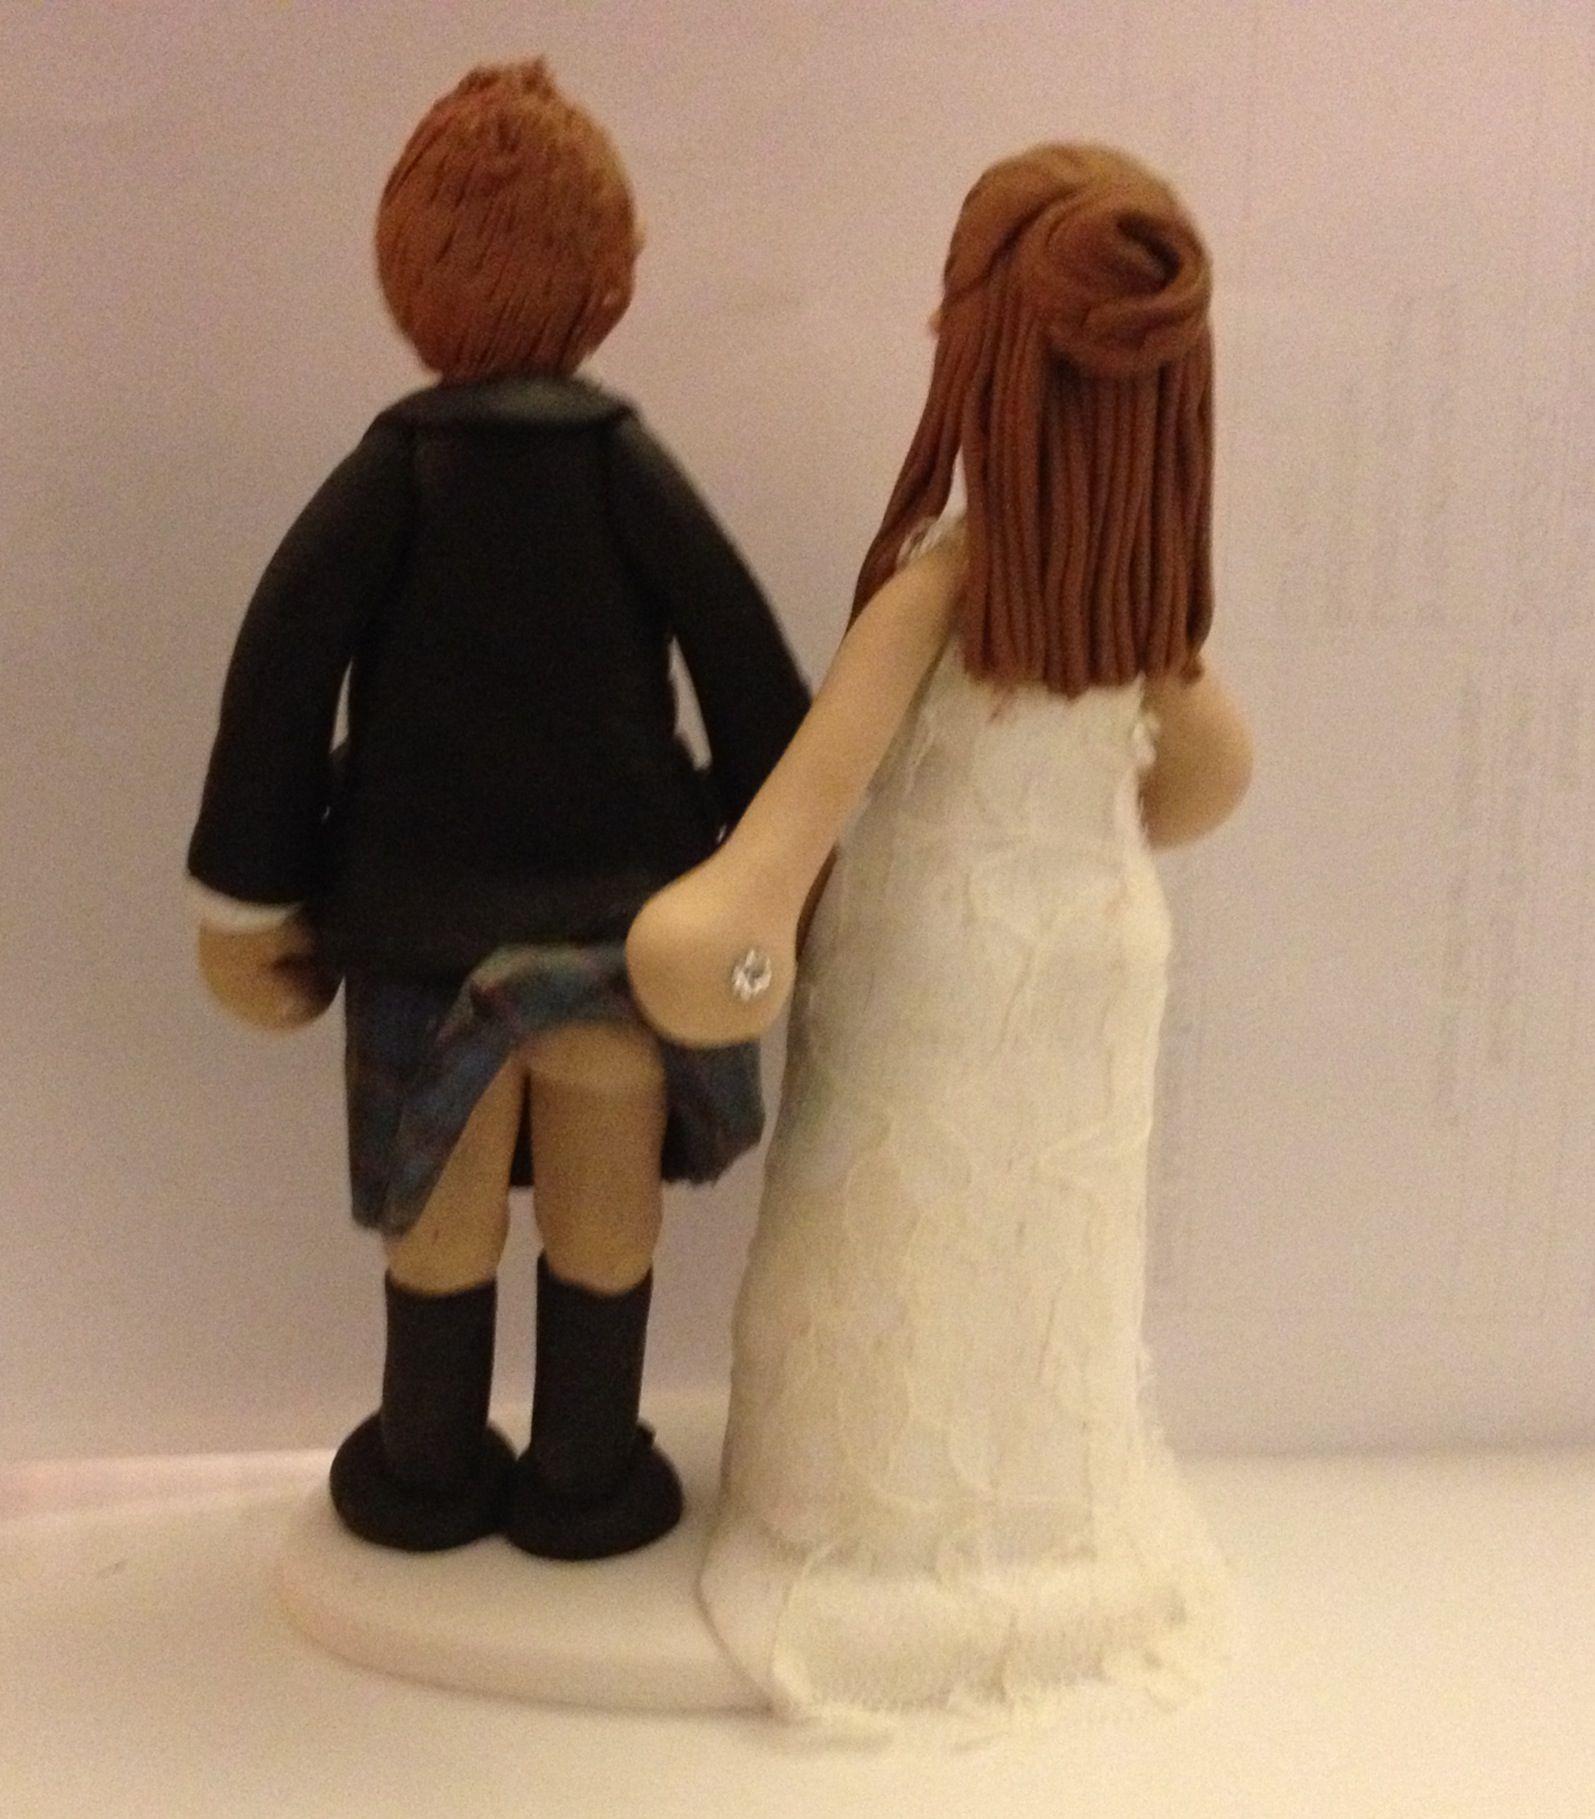 Scottish Kilt Wedding Cake Toppers